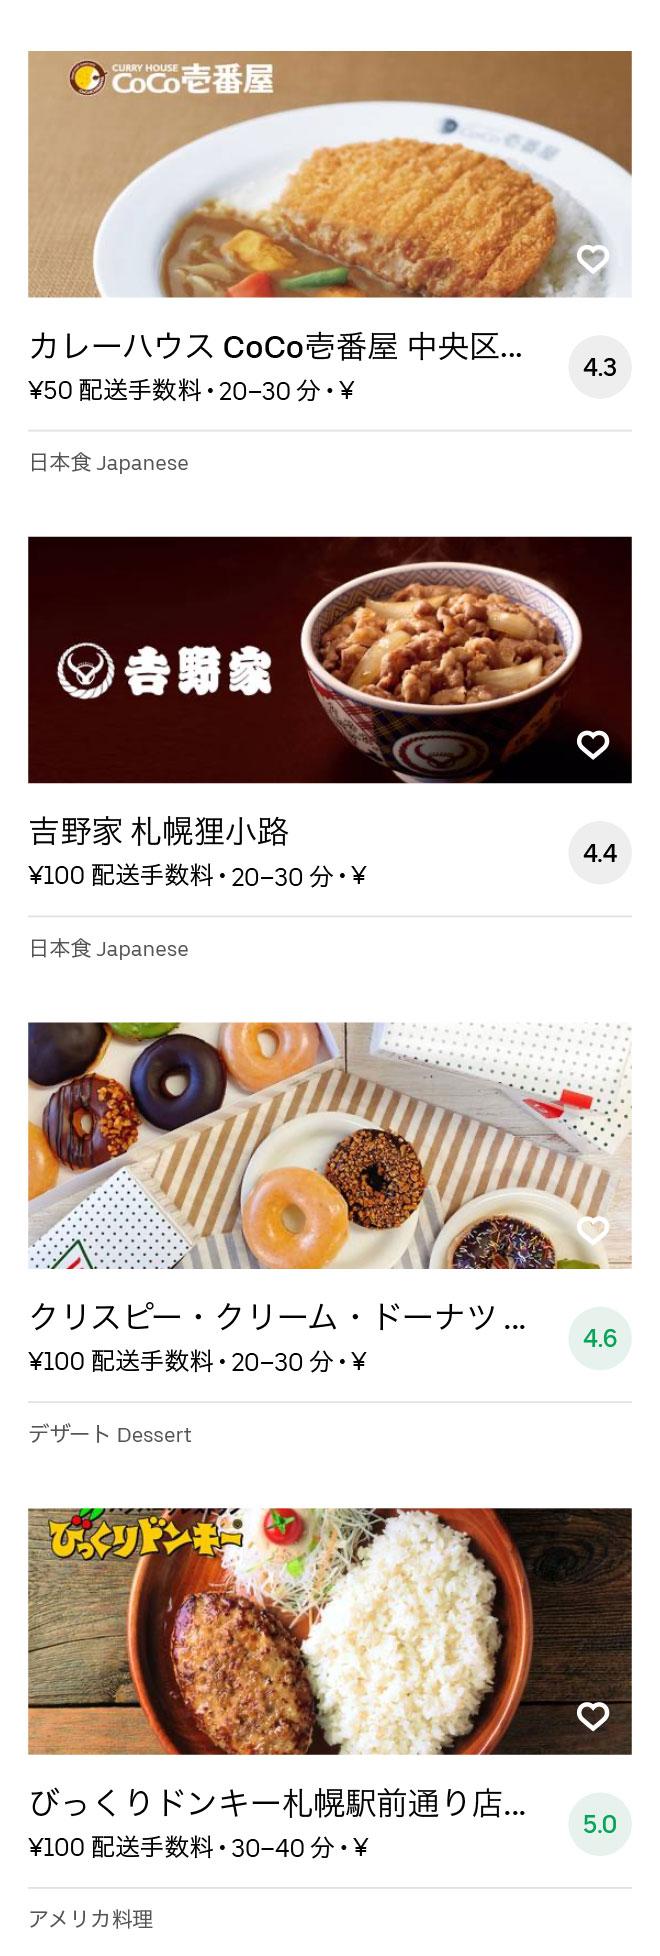 Susukino menu 2008 03